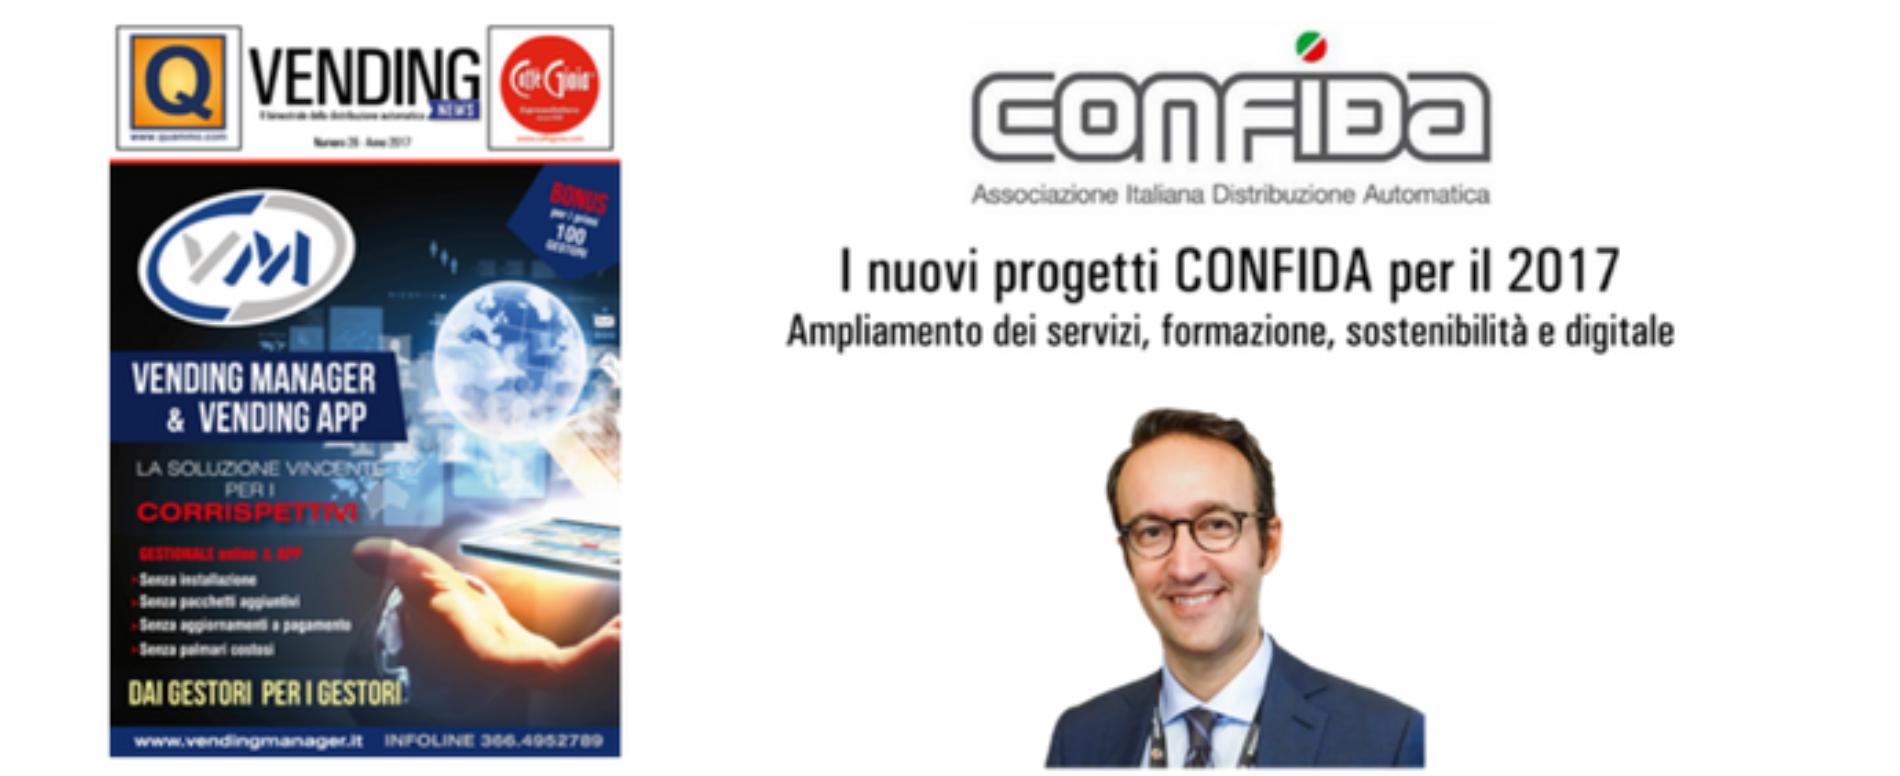 L'intervista al direttore di CONFIDA nel n. 26 di Vending News